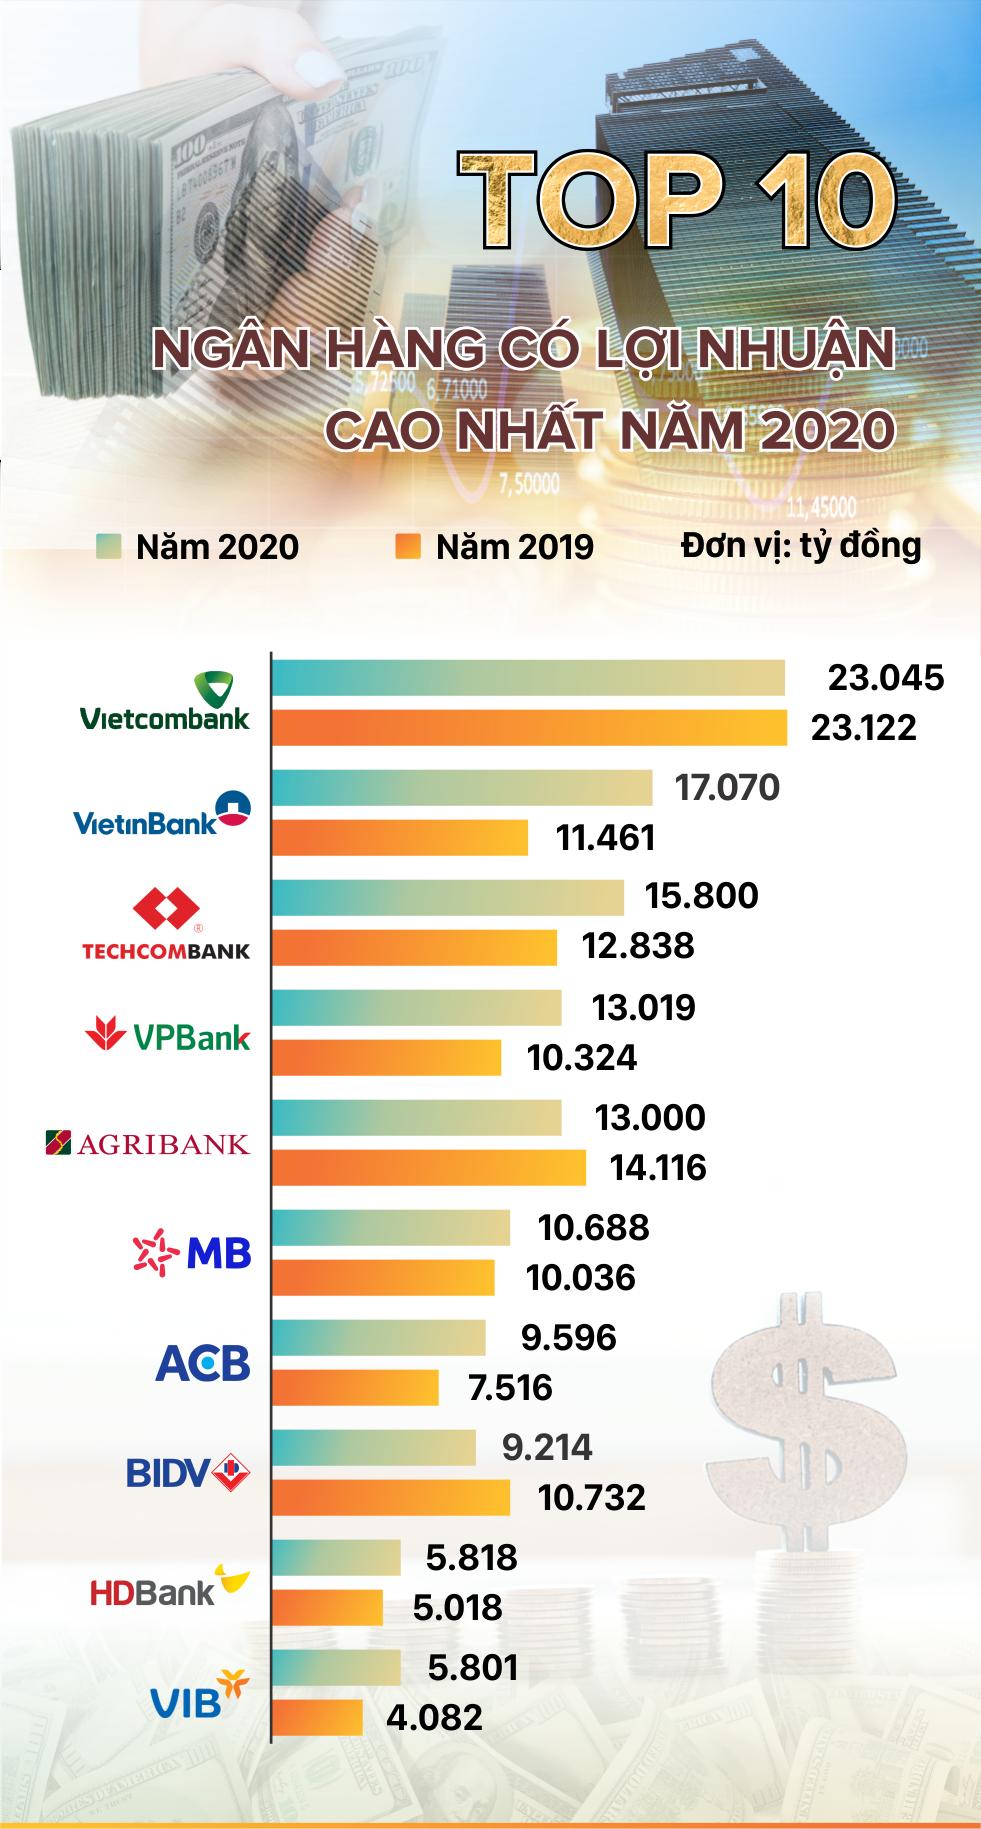 TOP 10 ngân hàng có lợi nhuận cao nhất năm 2020 - Ảnh 1.